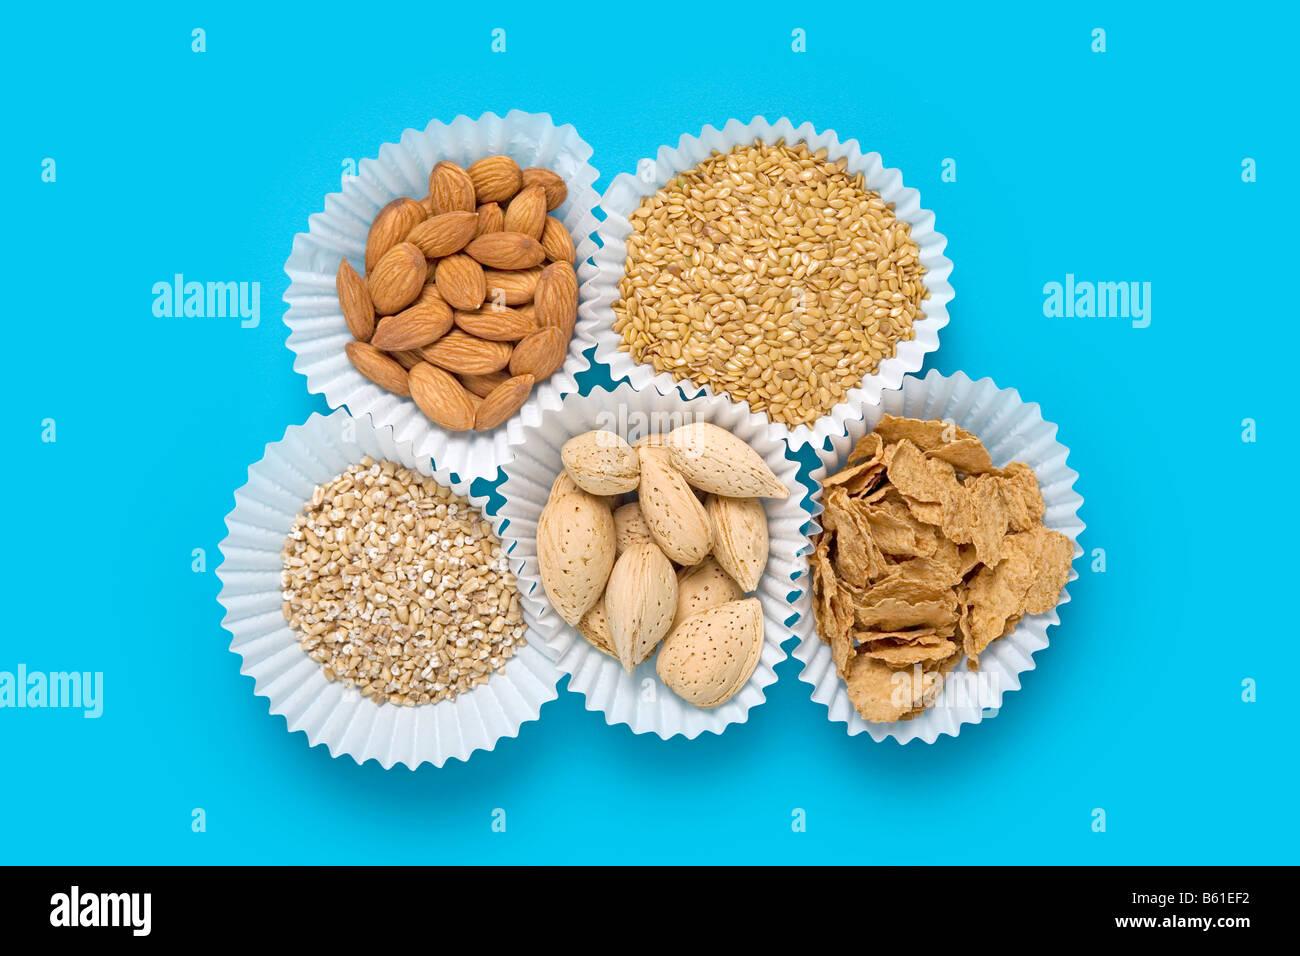 Les graines de lin, amandes, céréales, gruau, couper l'acier Amandes en coques Photo Stock